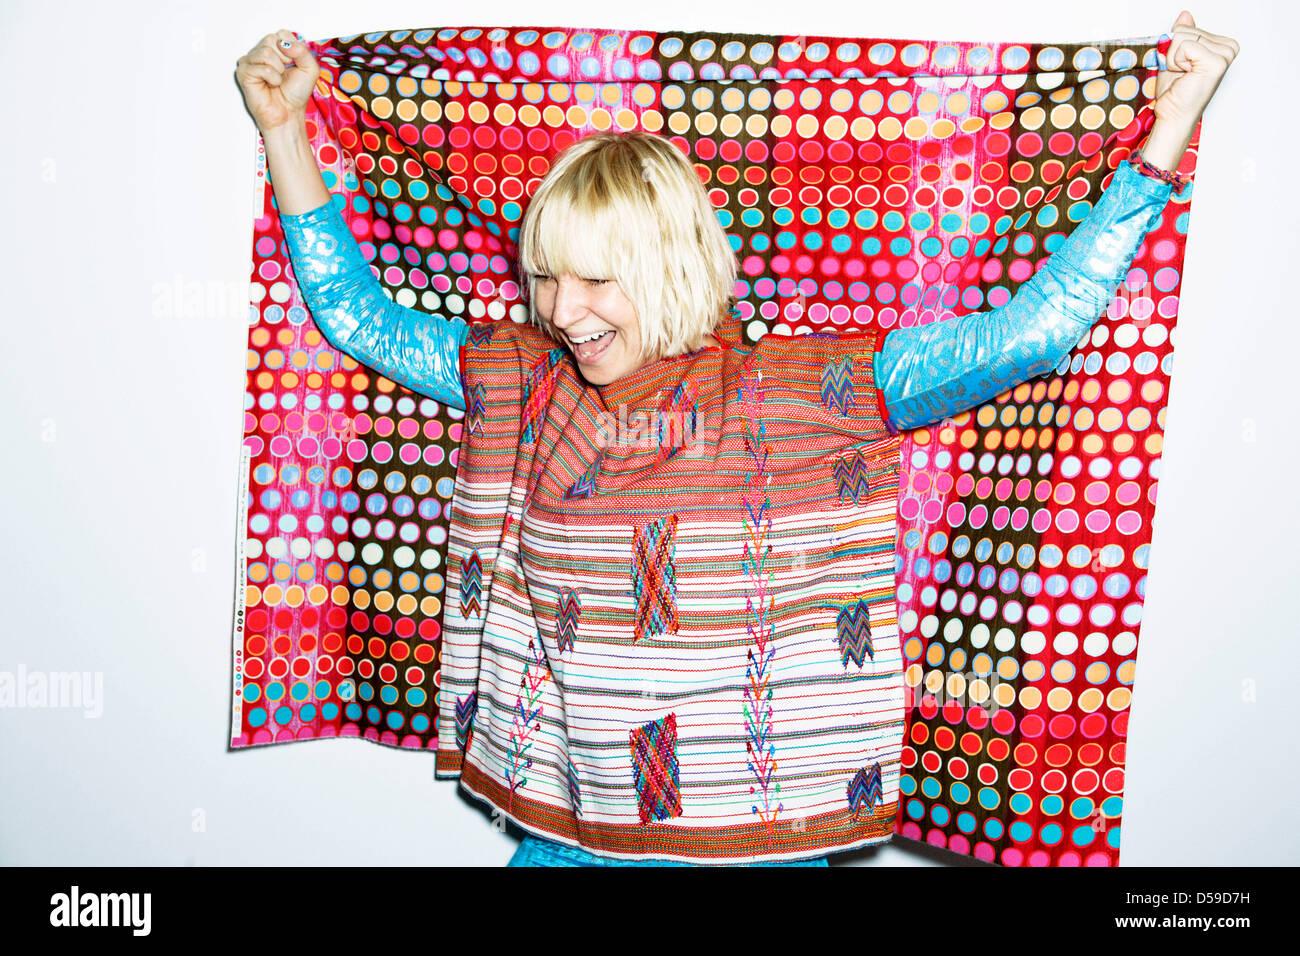 Une prise RJ Shaughnessy/Sony Music Le document de l'Australie. Sia est suivant une thérapie pour faire Photo Stock